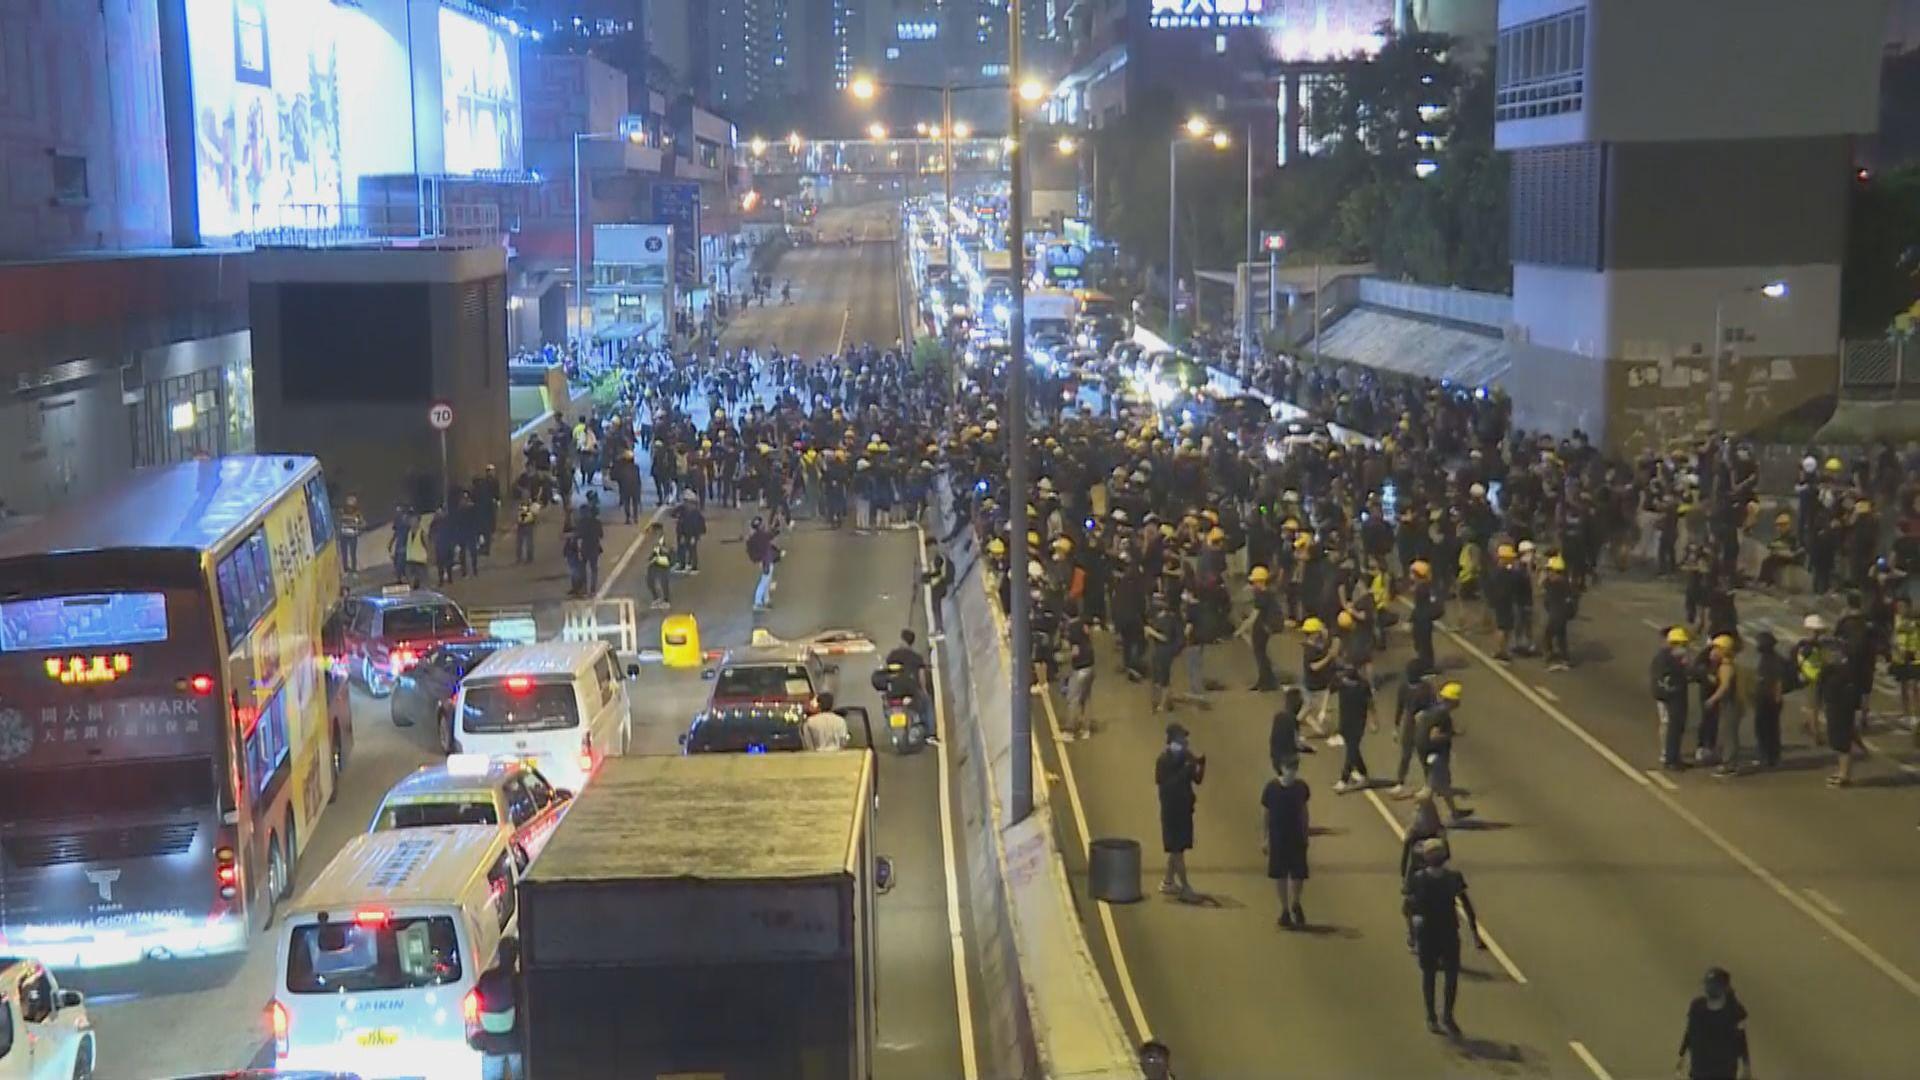 示威者入夜後一度堵塞龍翔道